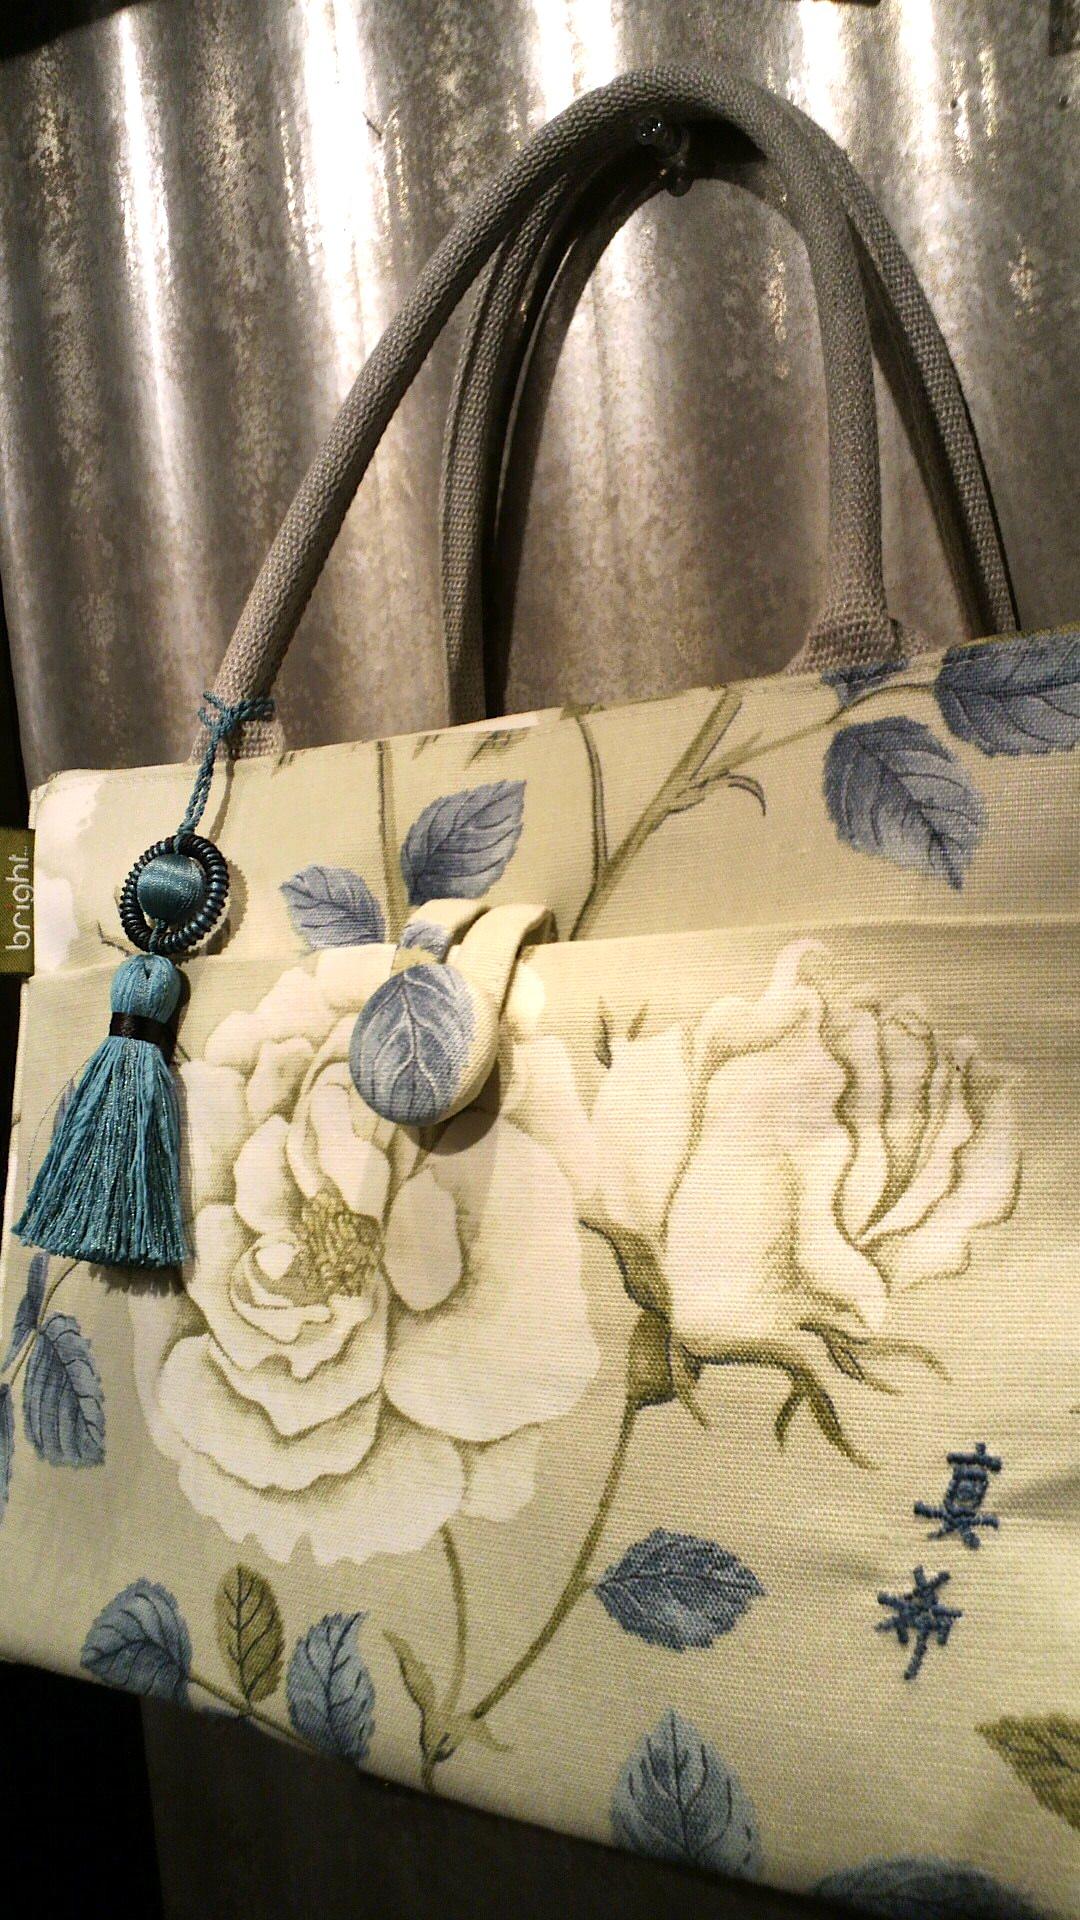 イギリス・「サンダーソン」のカーテン生地で作ったバッグ。_c0157866_15243891.jpg